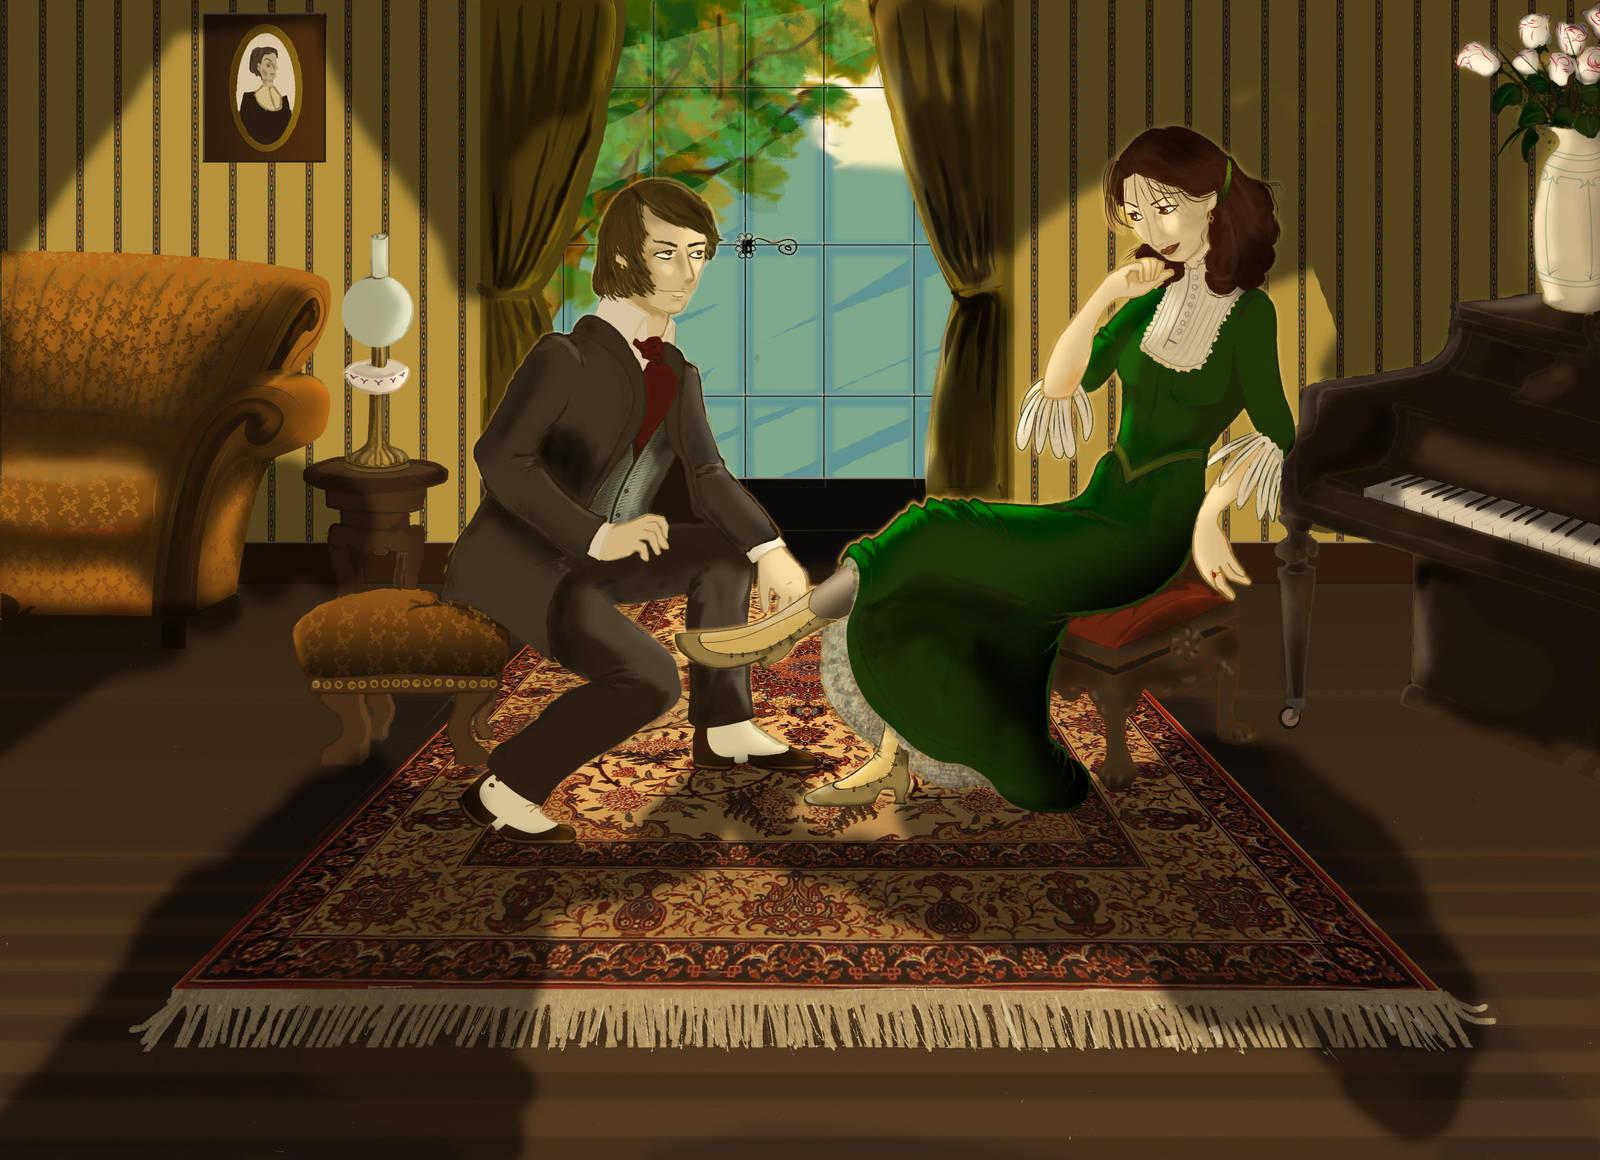 Vertov and Malinka by Elenaz